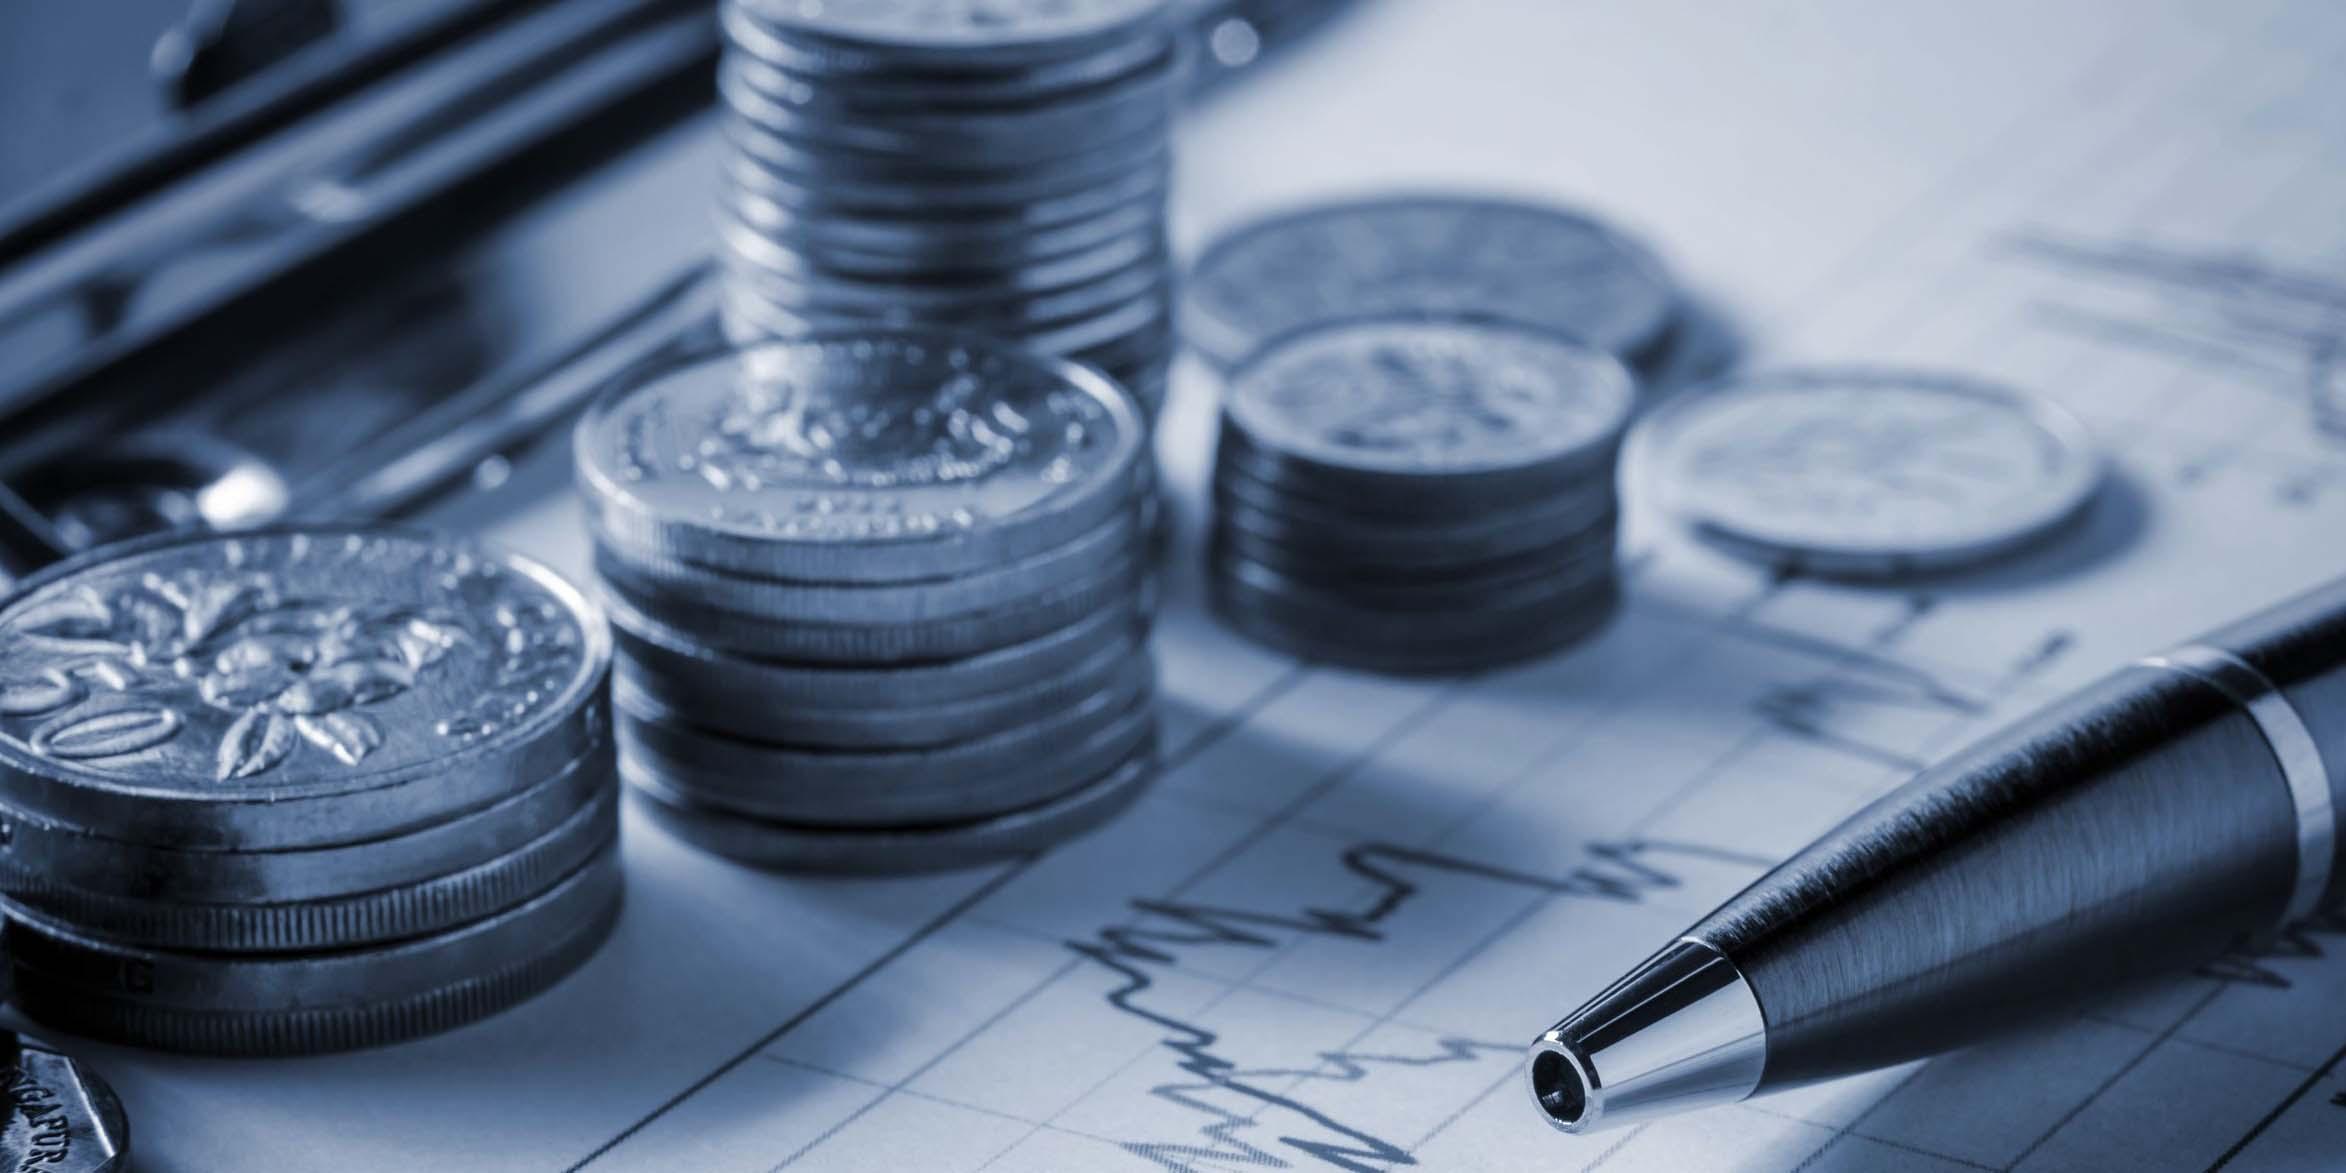 چگونه توجه سرمایهگذاران را به خود جلب کنیم؟